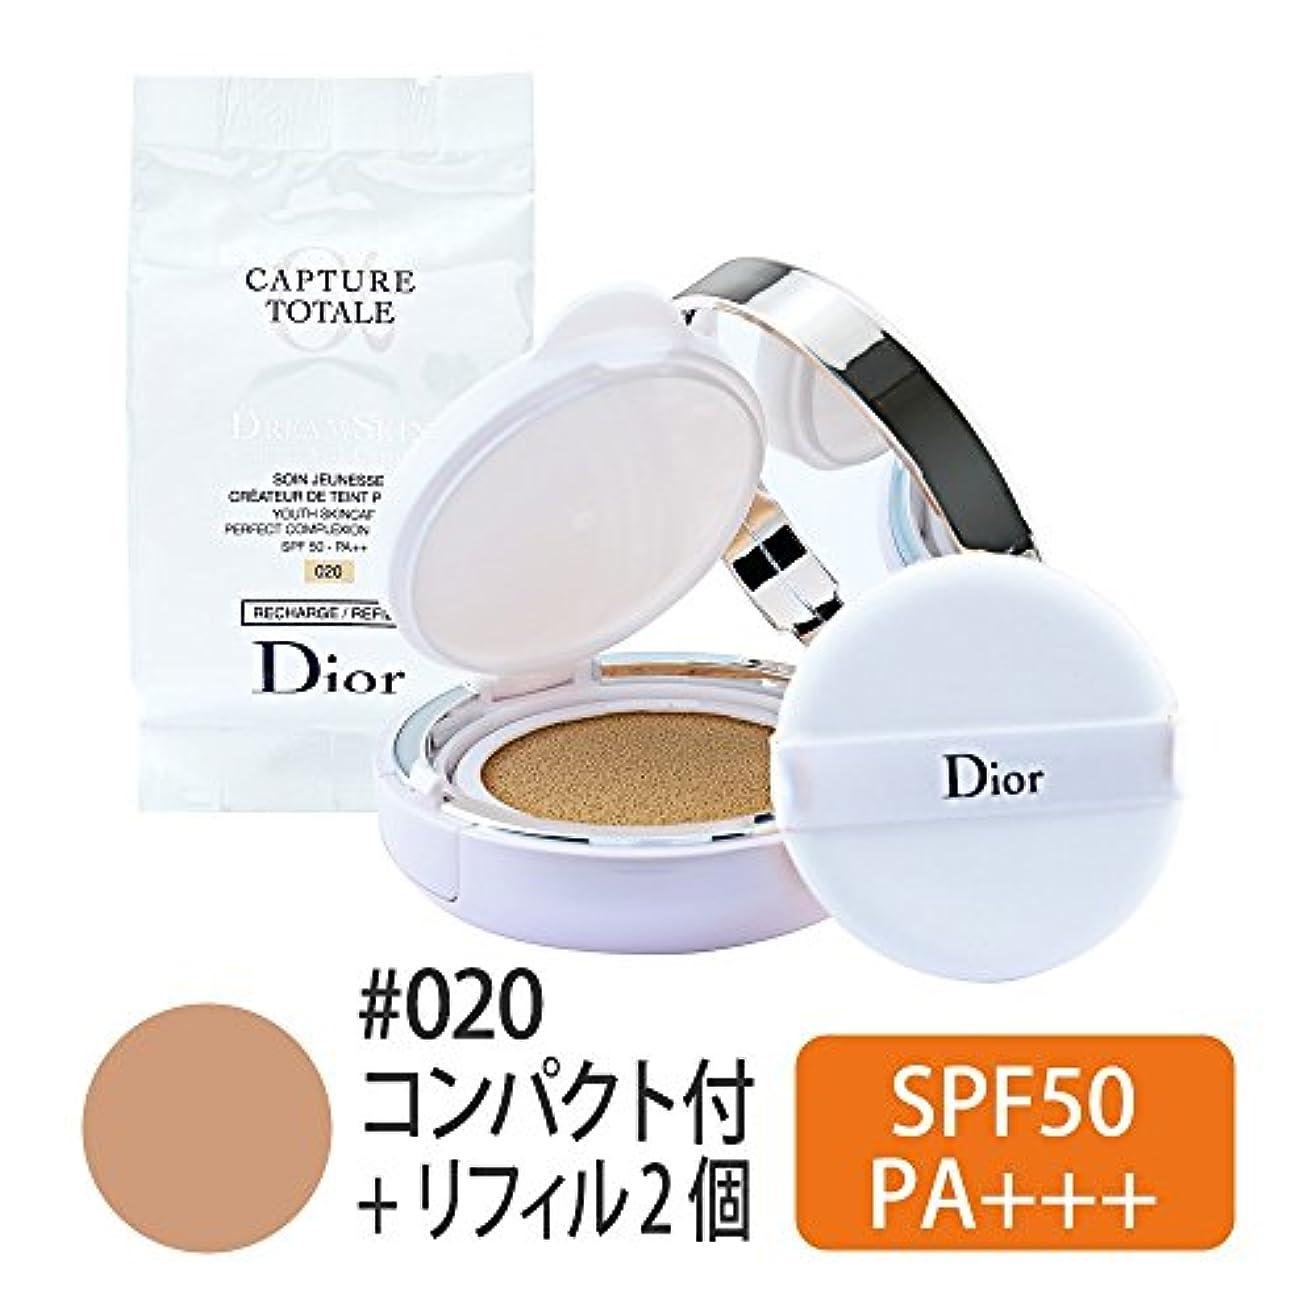 タバコ思いやりのある背骨Christian Dior クリスチャン ディオール カプチュール トータル ドリーム スキン クッション #020 SPF50-PA+++ 15g x 2 [並行輸入品]